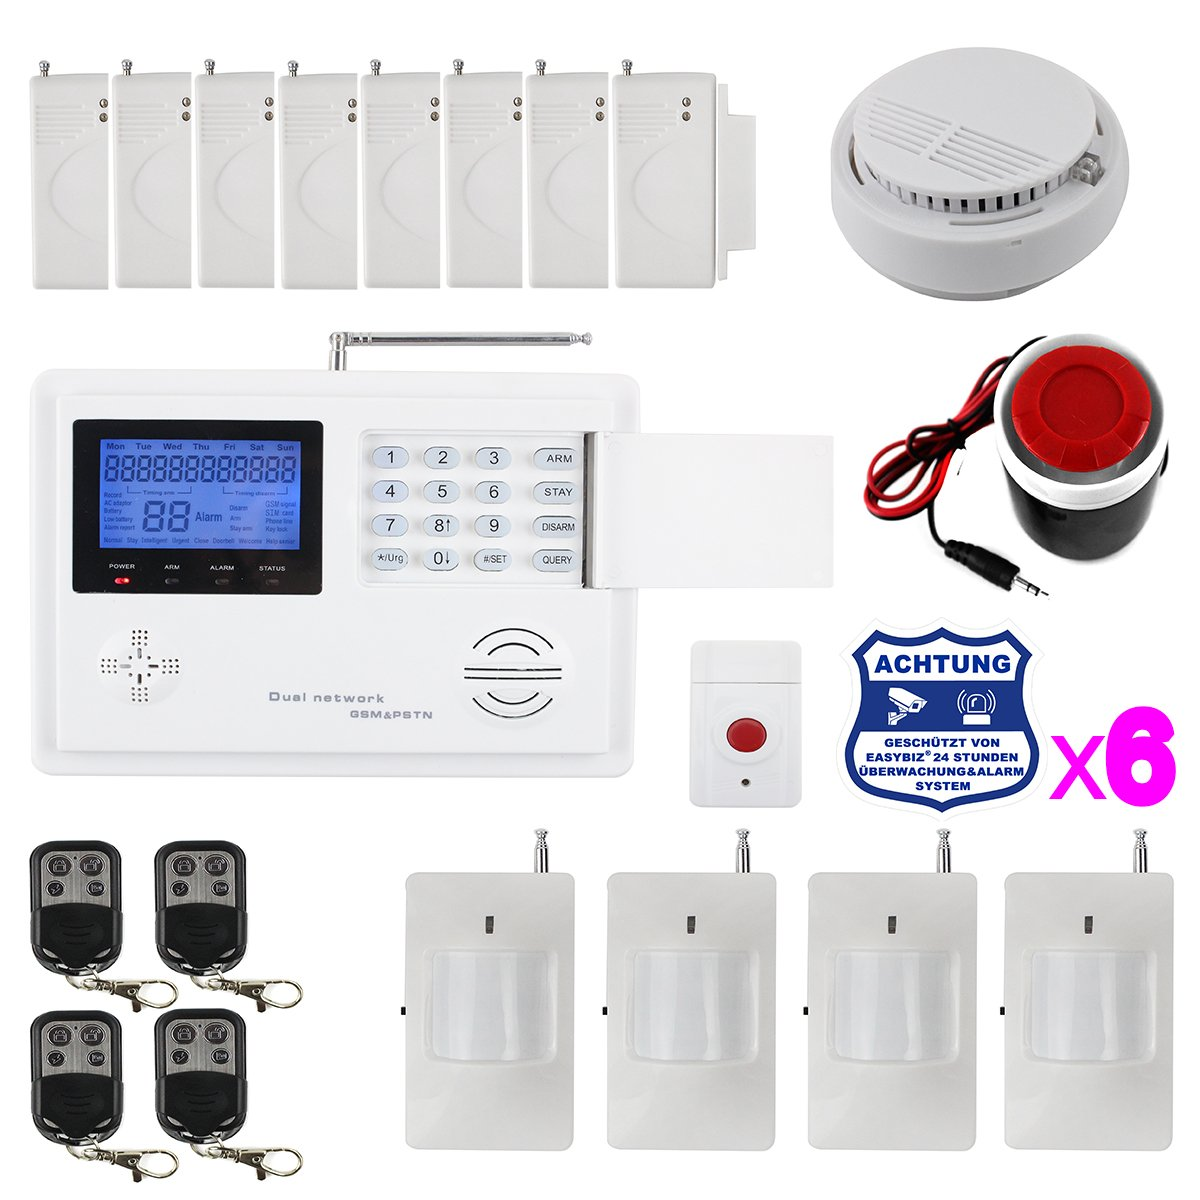 Neue GSM/PSTN Funk Alarmanlage Alarmsystem Set mit Bewegungsmelder/Notfallsender/Warnaufkleber usw.  BaumarktKundenbewertung und Beschreibung